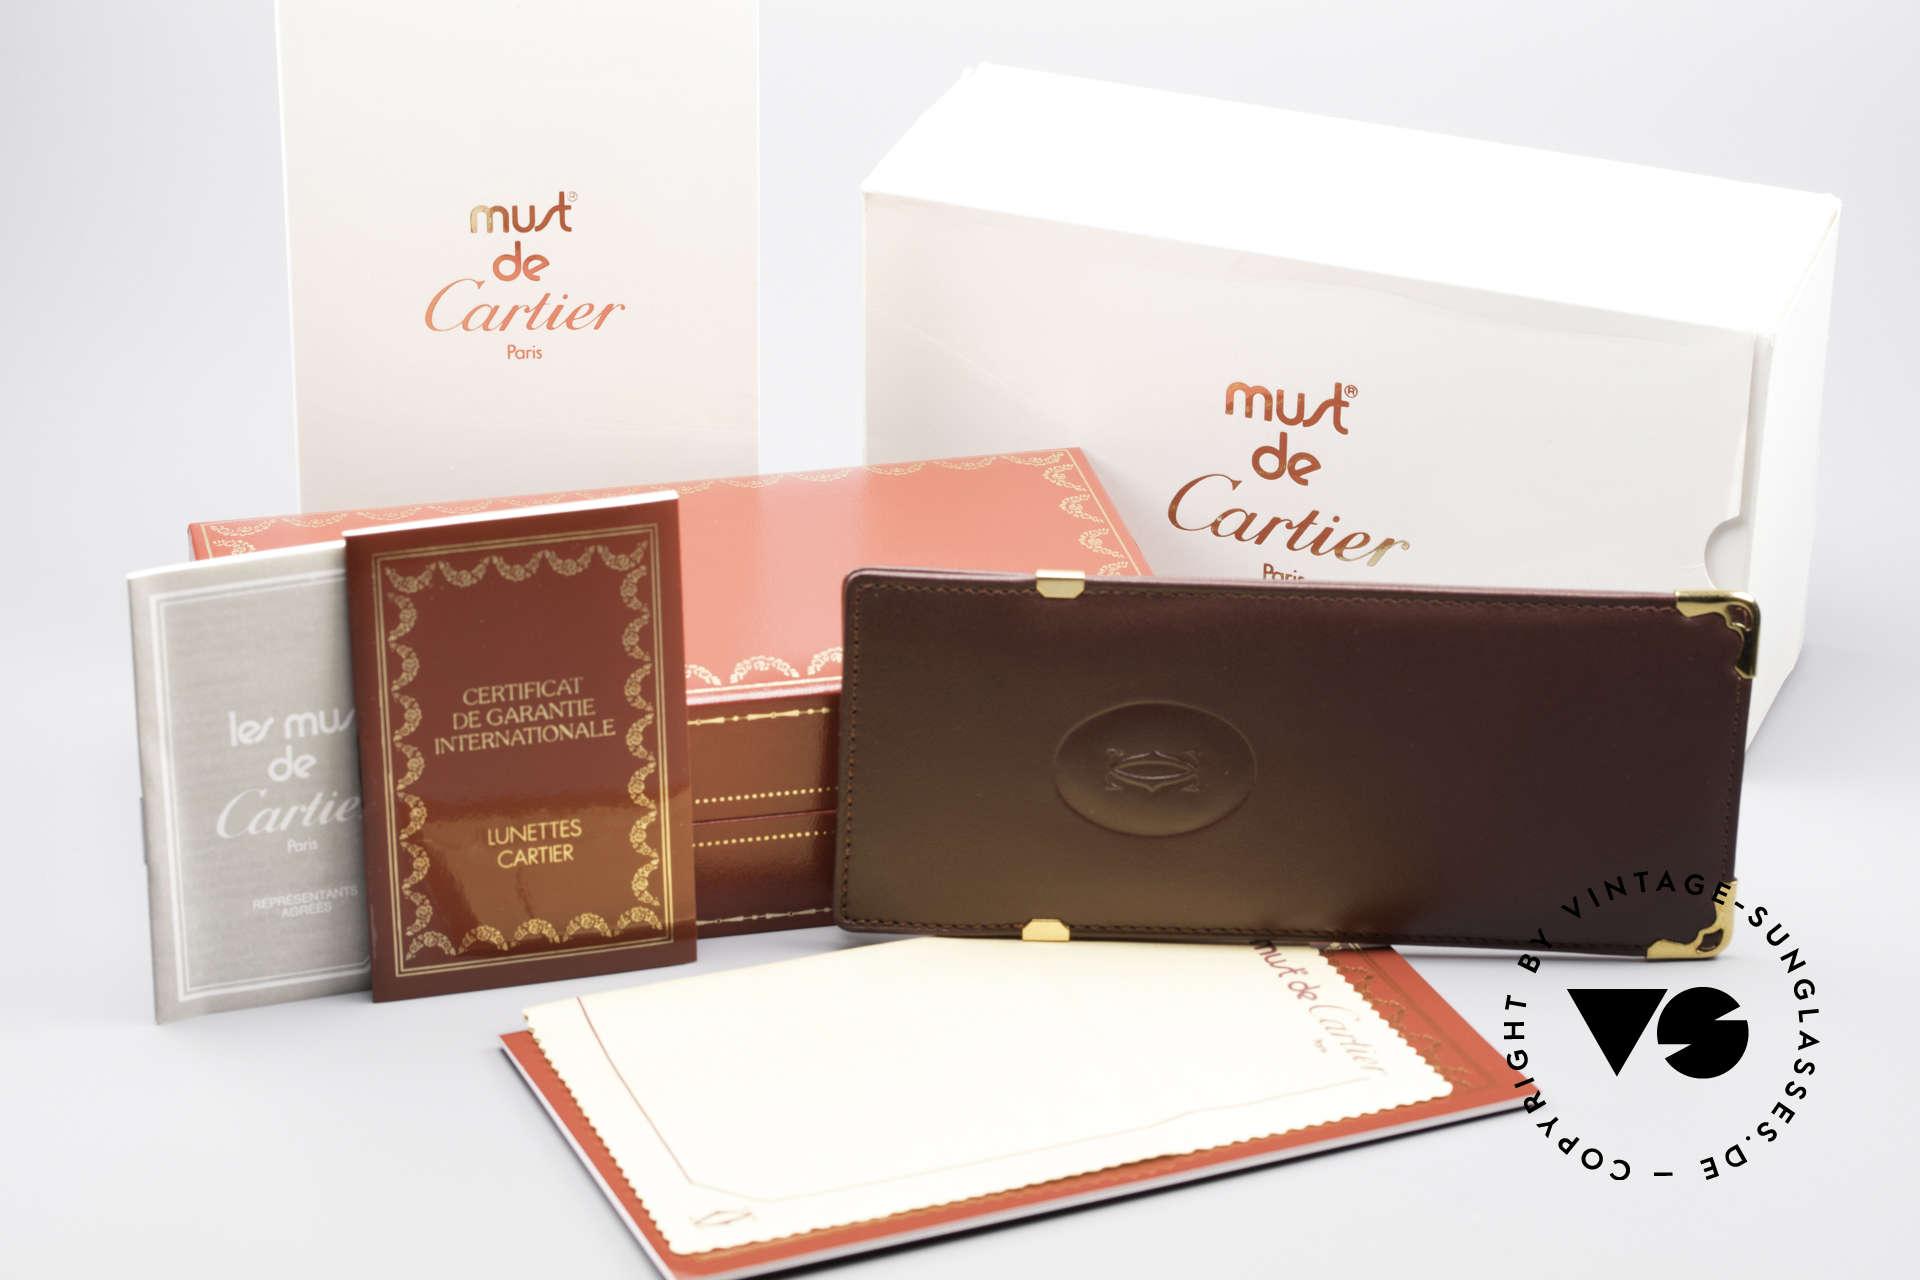 Cartier MUST LC - S Elton John Luxus Fassung, Größe: medium, Passend für Herren